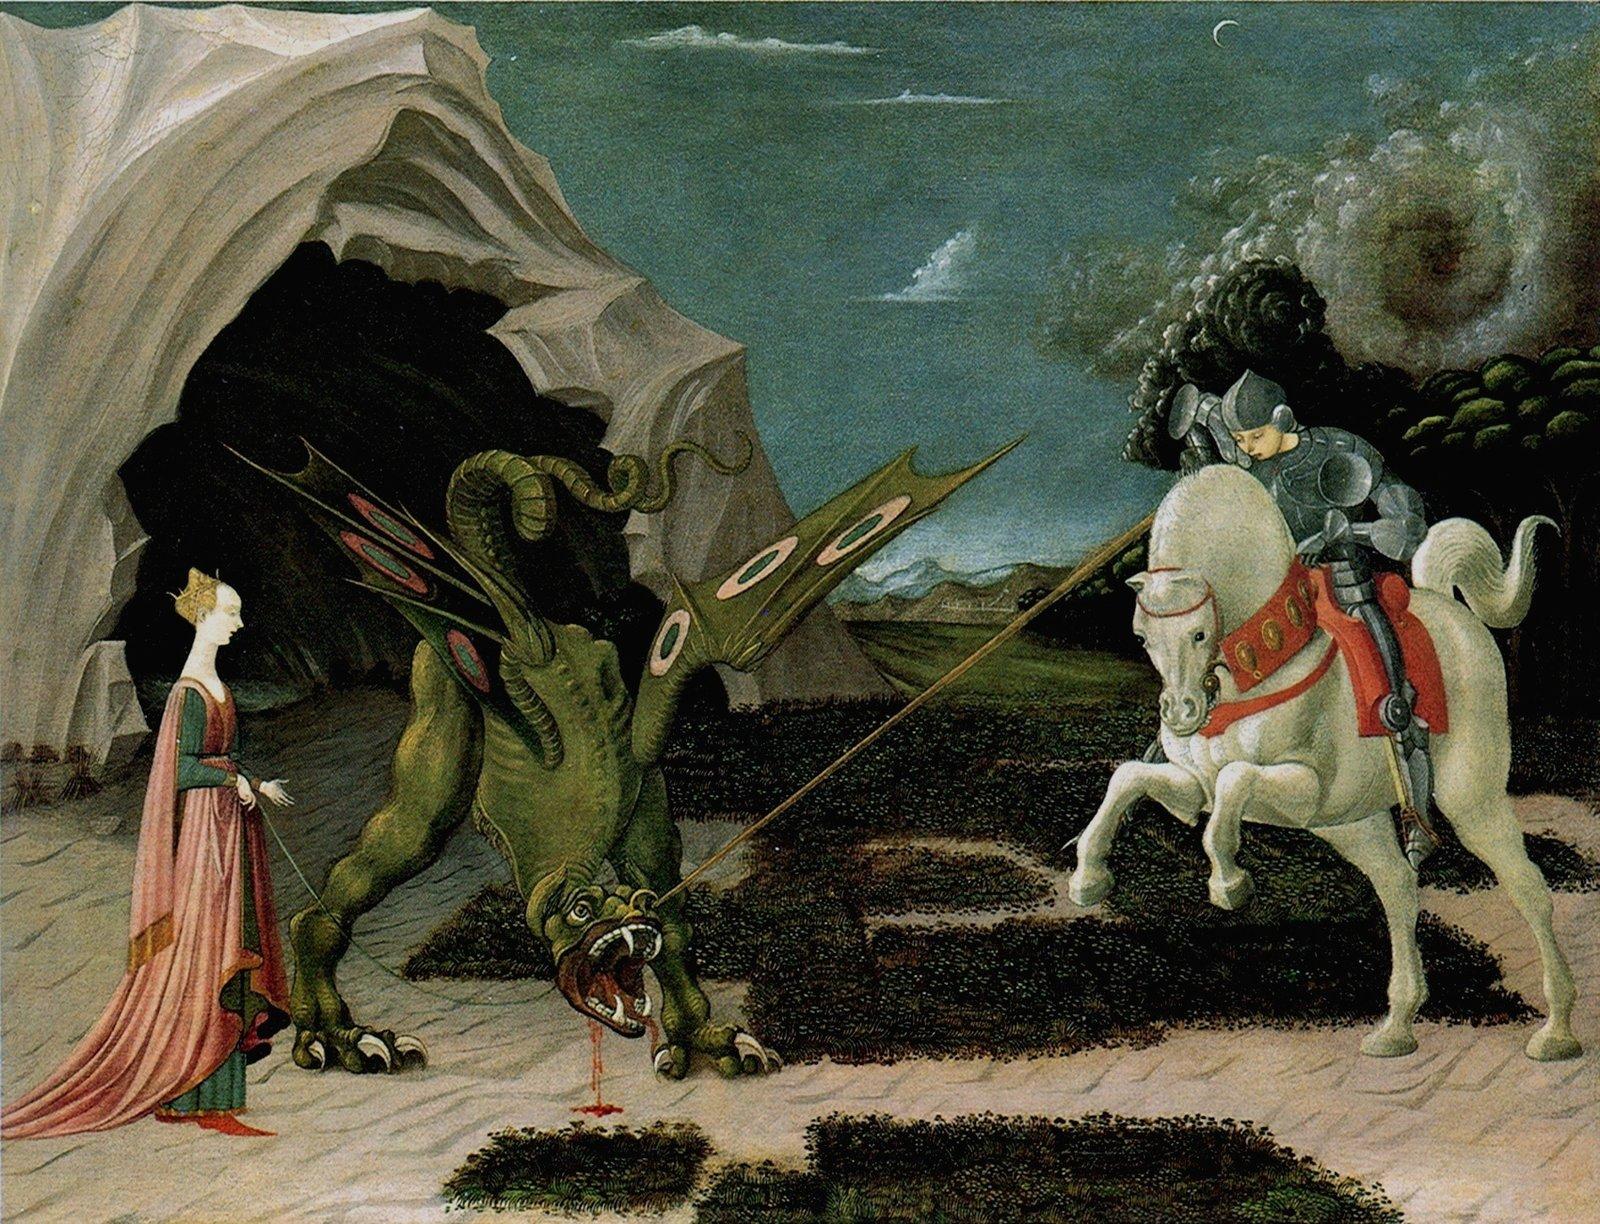 Święty Jerzy ismok Źródło: Paolo Uccello, Święty Jerzy ismok, 1455–1460, olej na płótnie., domena publiczna.